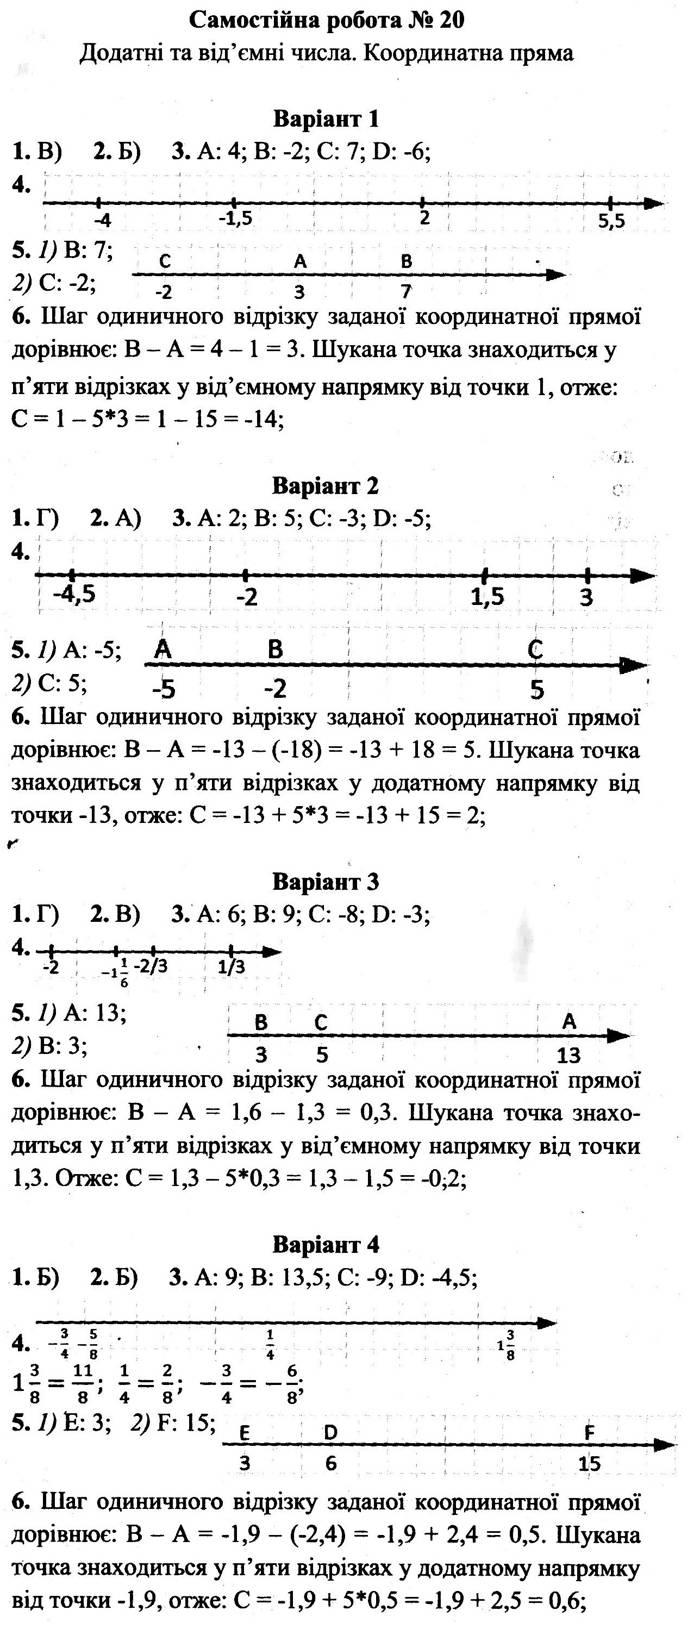 Розв'язання завдань до самостійної роботи 20 посібника 6 клас Математика Мерзляк (збірник самостійних робіт і тестів) 2020 рік